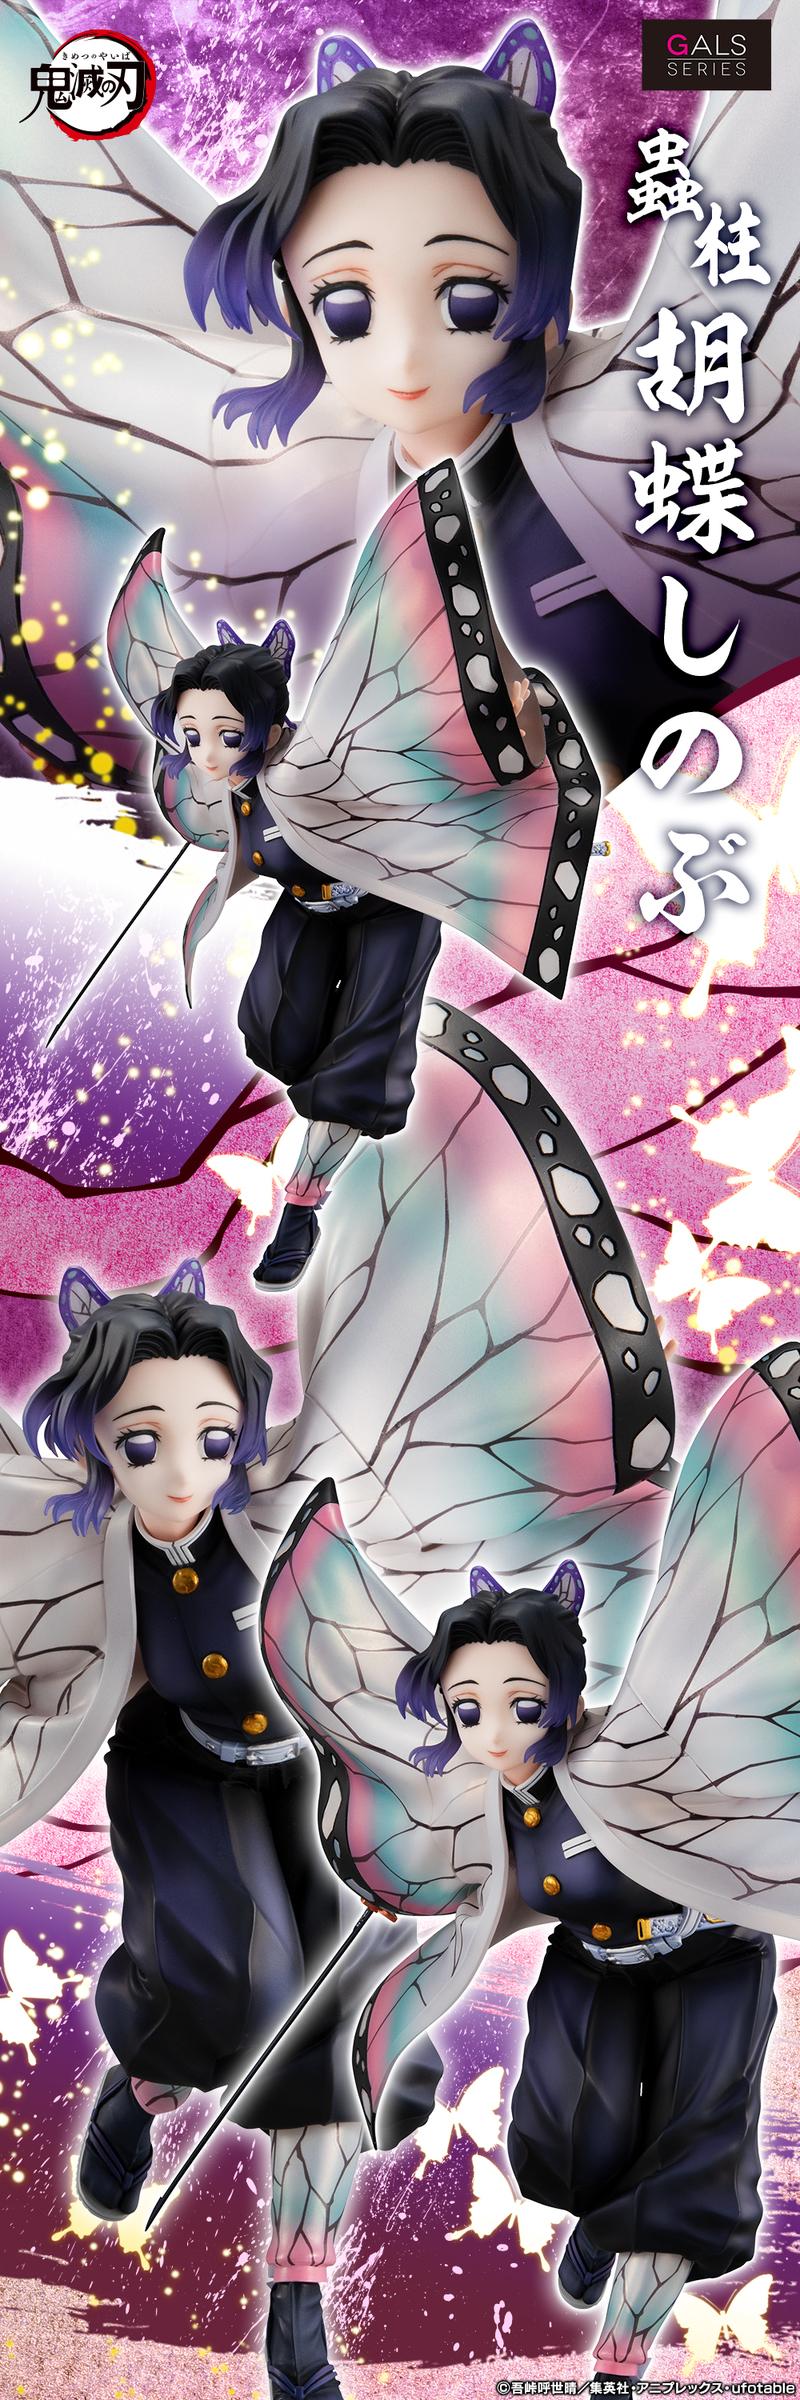 GALS Series Demon Slayer KOCHOU SHINOBU.jpg